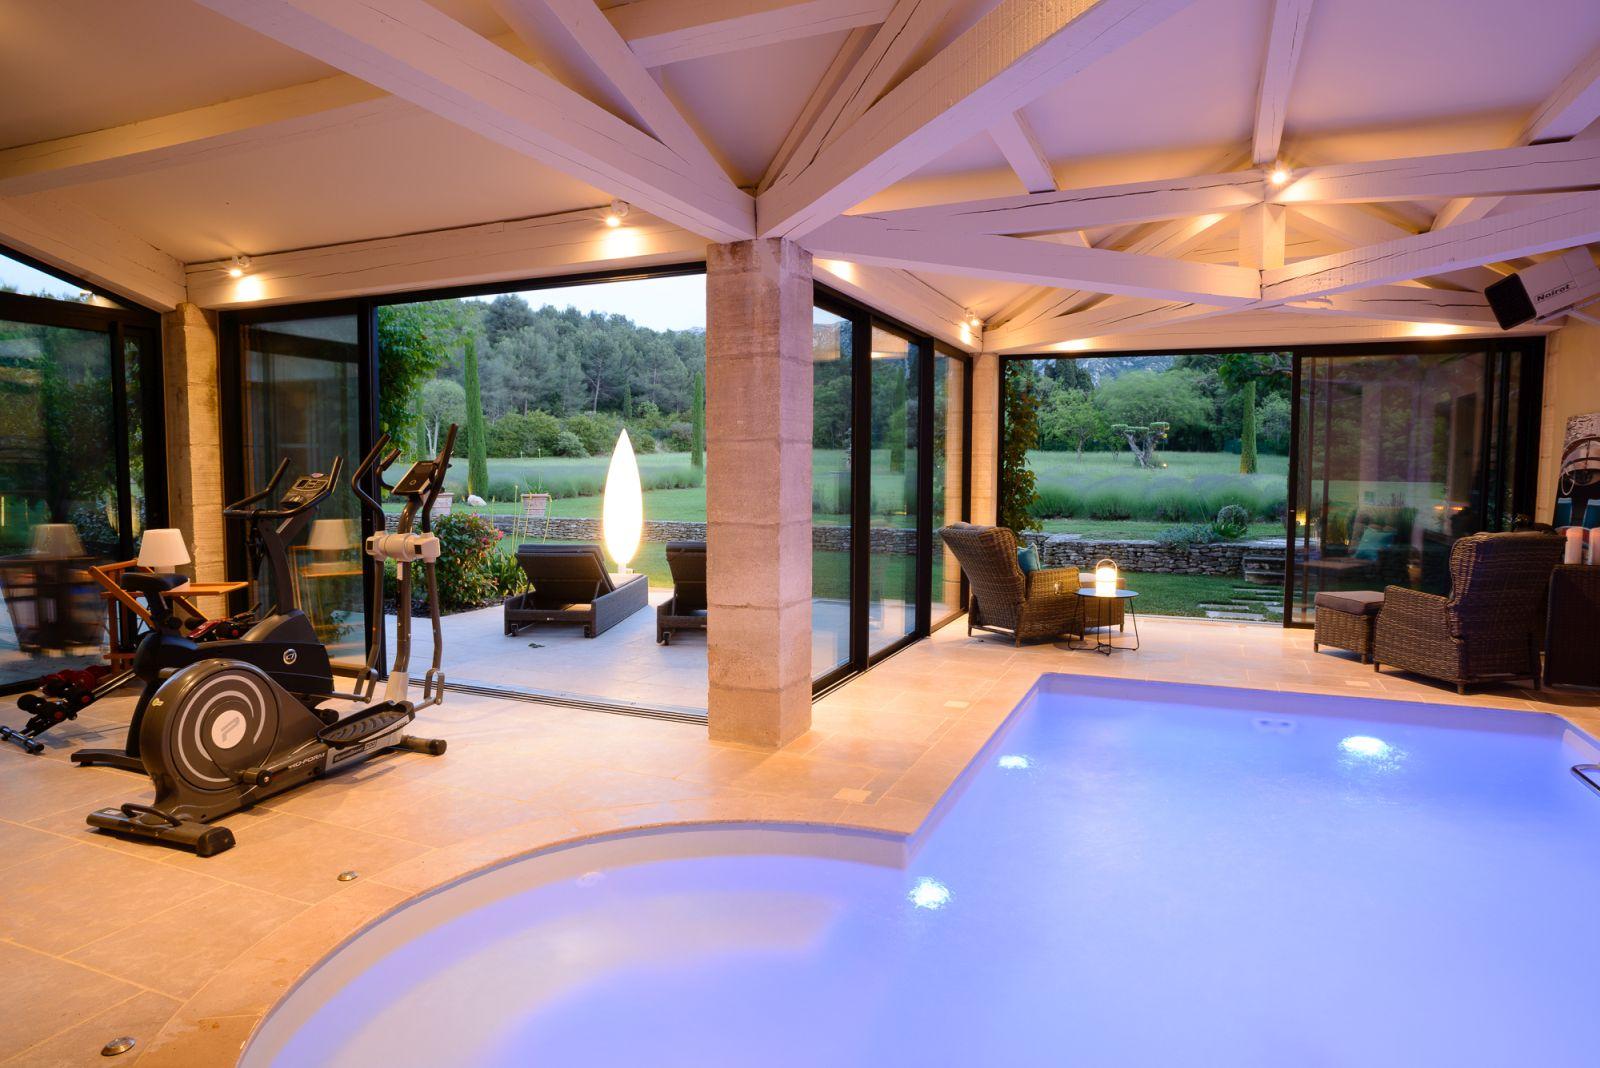 Location Villa Luxe Saint Remy De Provence Avec Piscine Privee Chauffee Et  Piscine Interieure dedans Location Avec Piscine Intérieure Chauffée Privée